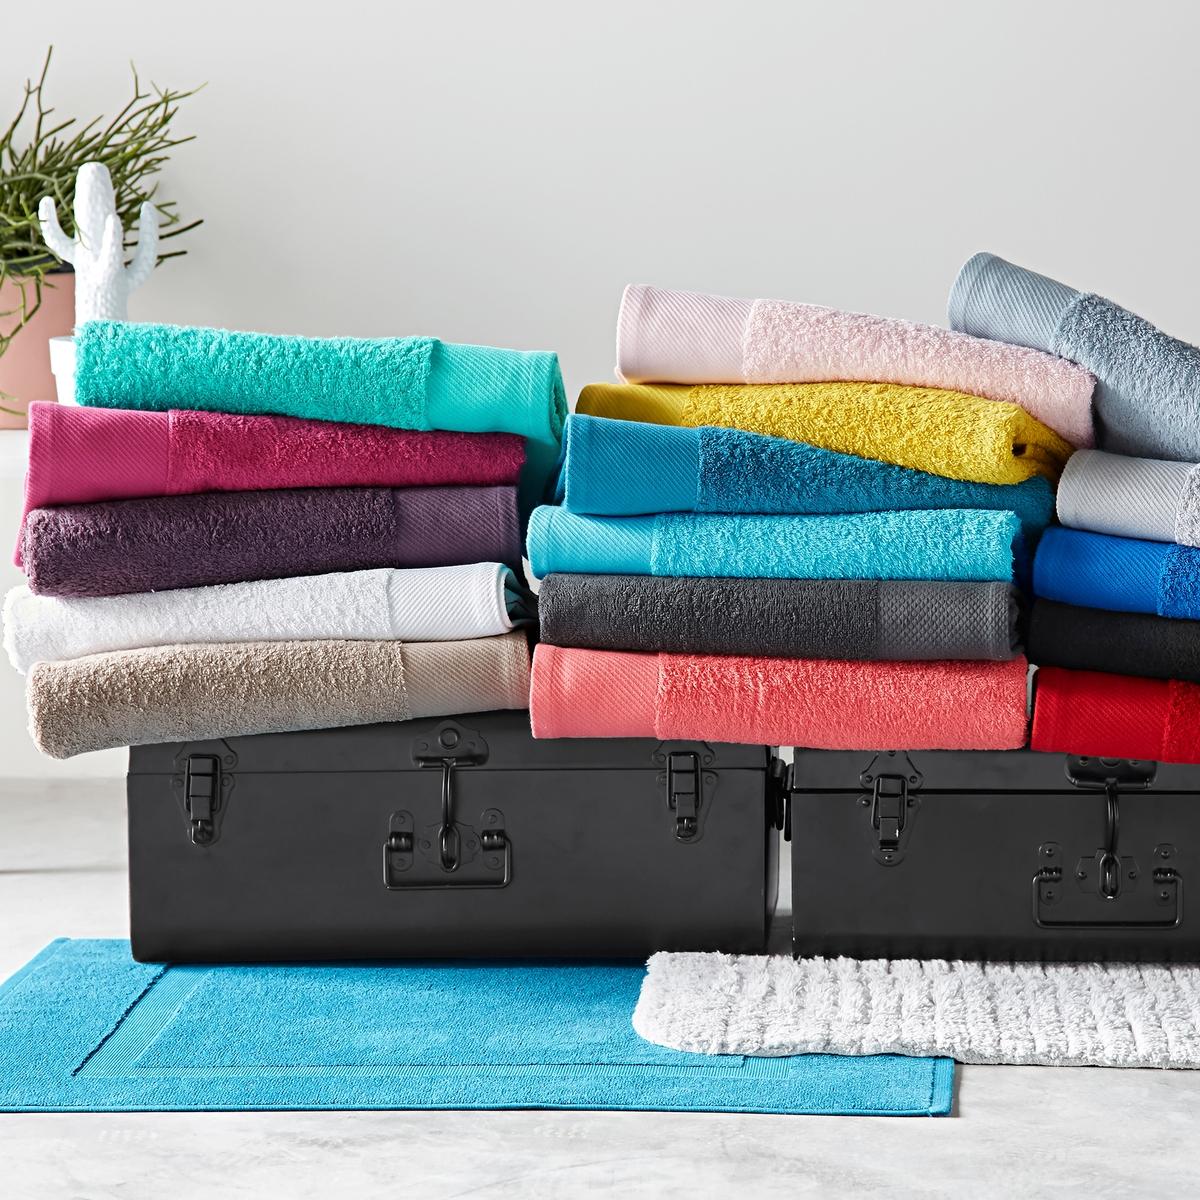 Коврик для ванной, 700 г/м?Коврик для ванной или коврик с вырезом для умывальника и унитаза из мягкой и отлично впитывающей влагу махровой ткани, 100% хлопок (700 г/м?).Характеристики однотонного коврика для ванной :- Махровая ткань, 100% хлопок (700 г/м?).- Машинная стирка при 60 °С.- Машинная сушка.- Замечательная износоустойчивость, сохраняет мягкость и яркость окраски после многочисленных стирок.Знак Oeko-Tex® гарантирует, что товары протестированы и сертифицированы, не содержат вредных веществ, которые могли бы нанести вред здоровью.Размеры коврика для ванной :40 x 50 см  коврик в форме умывальника50 x 70 см  : прямоугольная.. для душа60 x 60 см  :  квадратная для душа - 60 x 100 см : прямоугольная.. для ванной<br><br>Цвет: желтый шафран